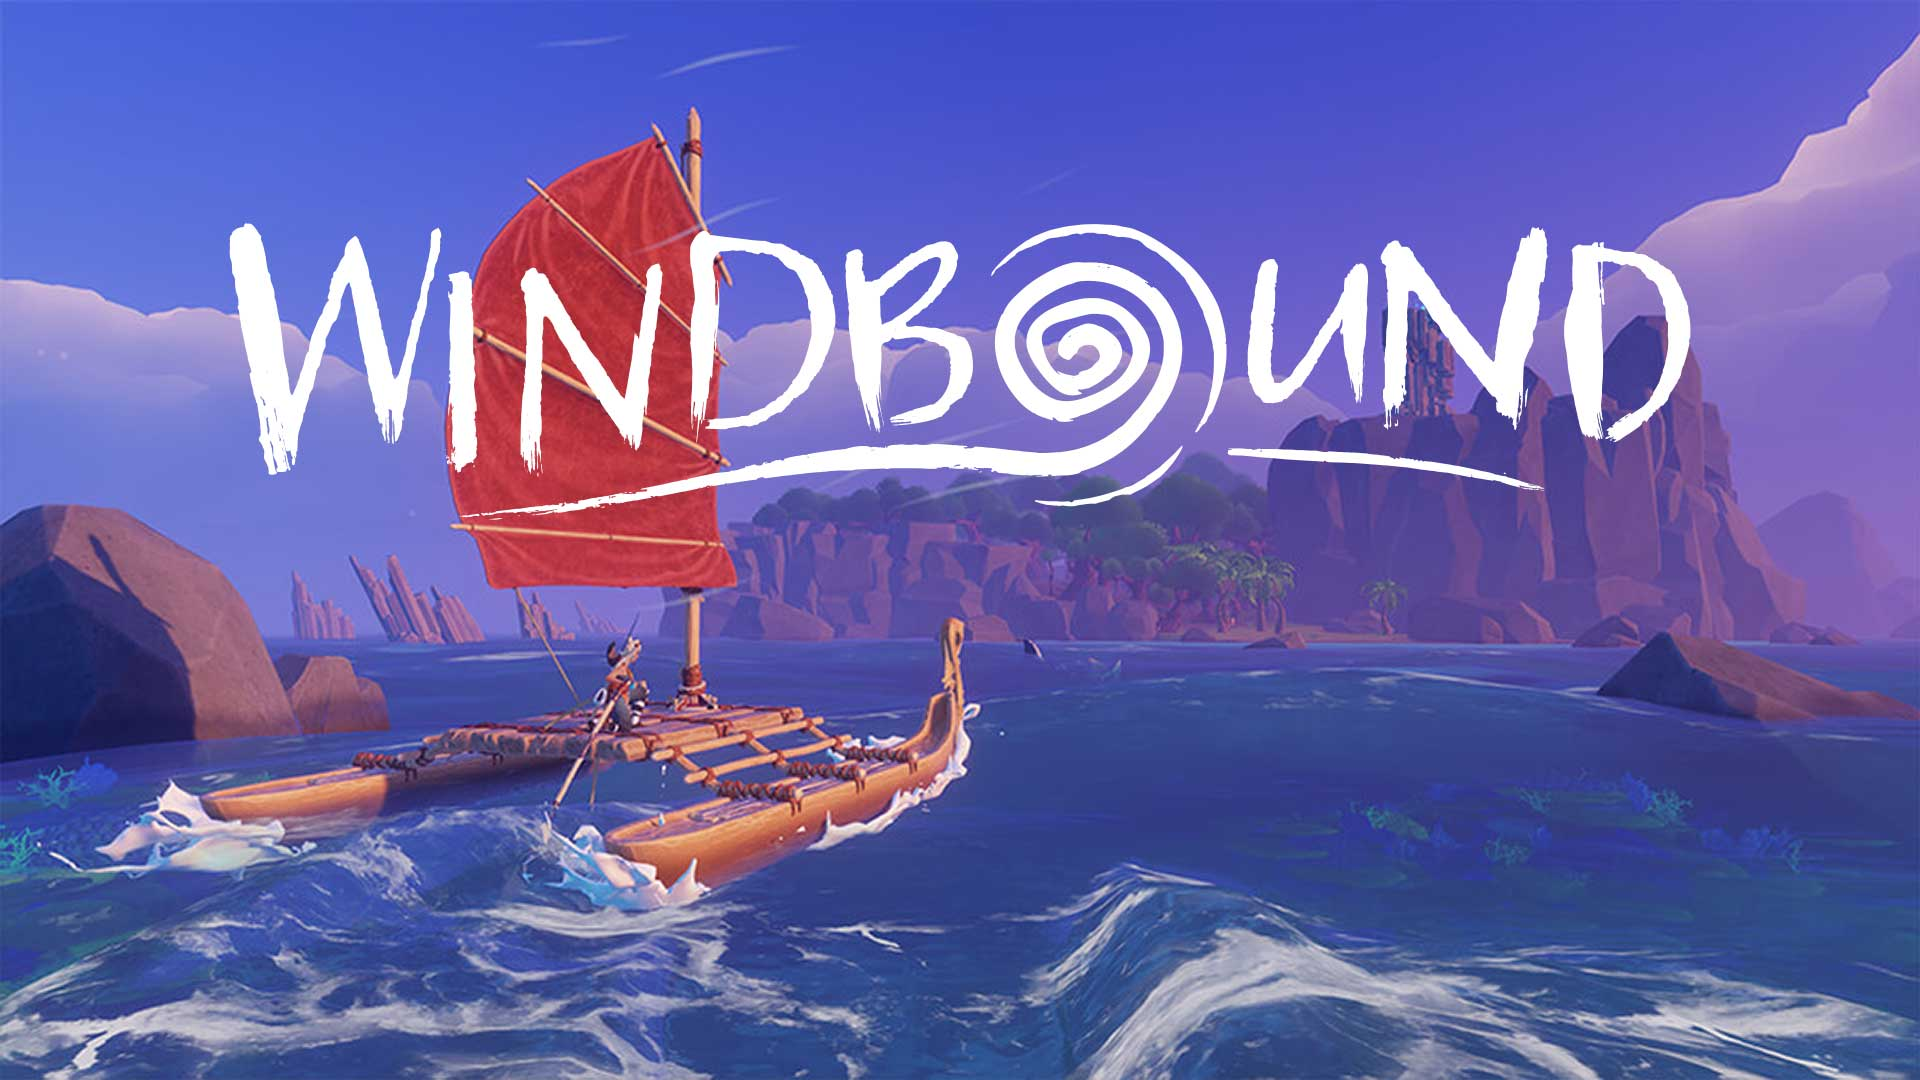 windbound release